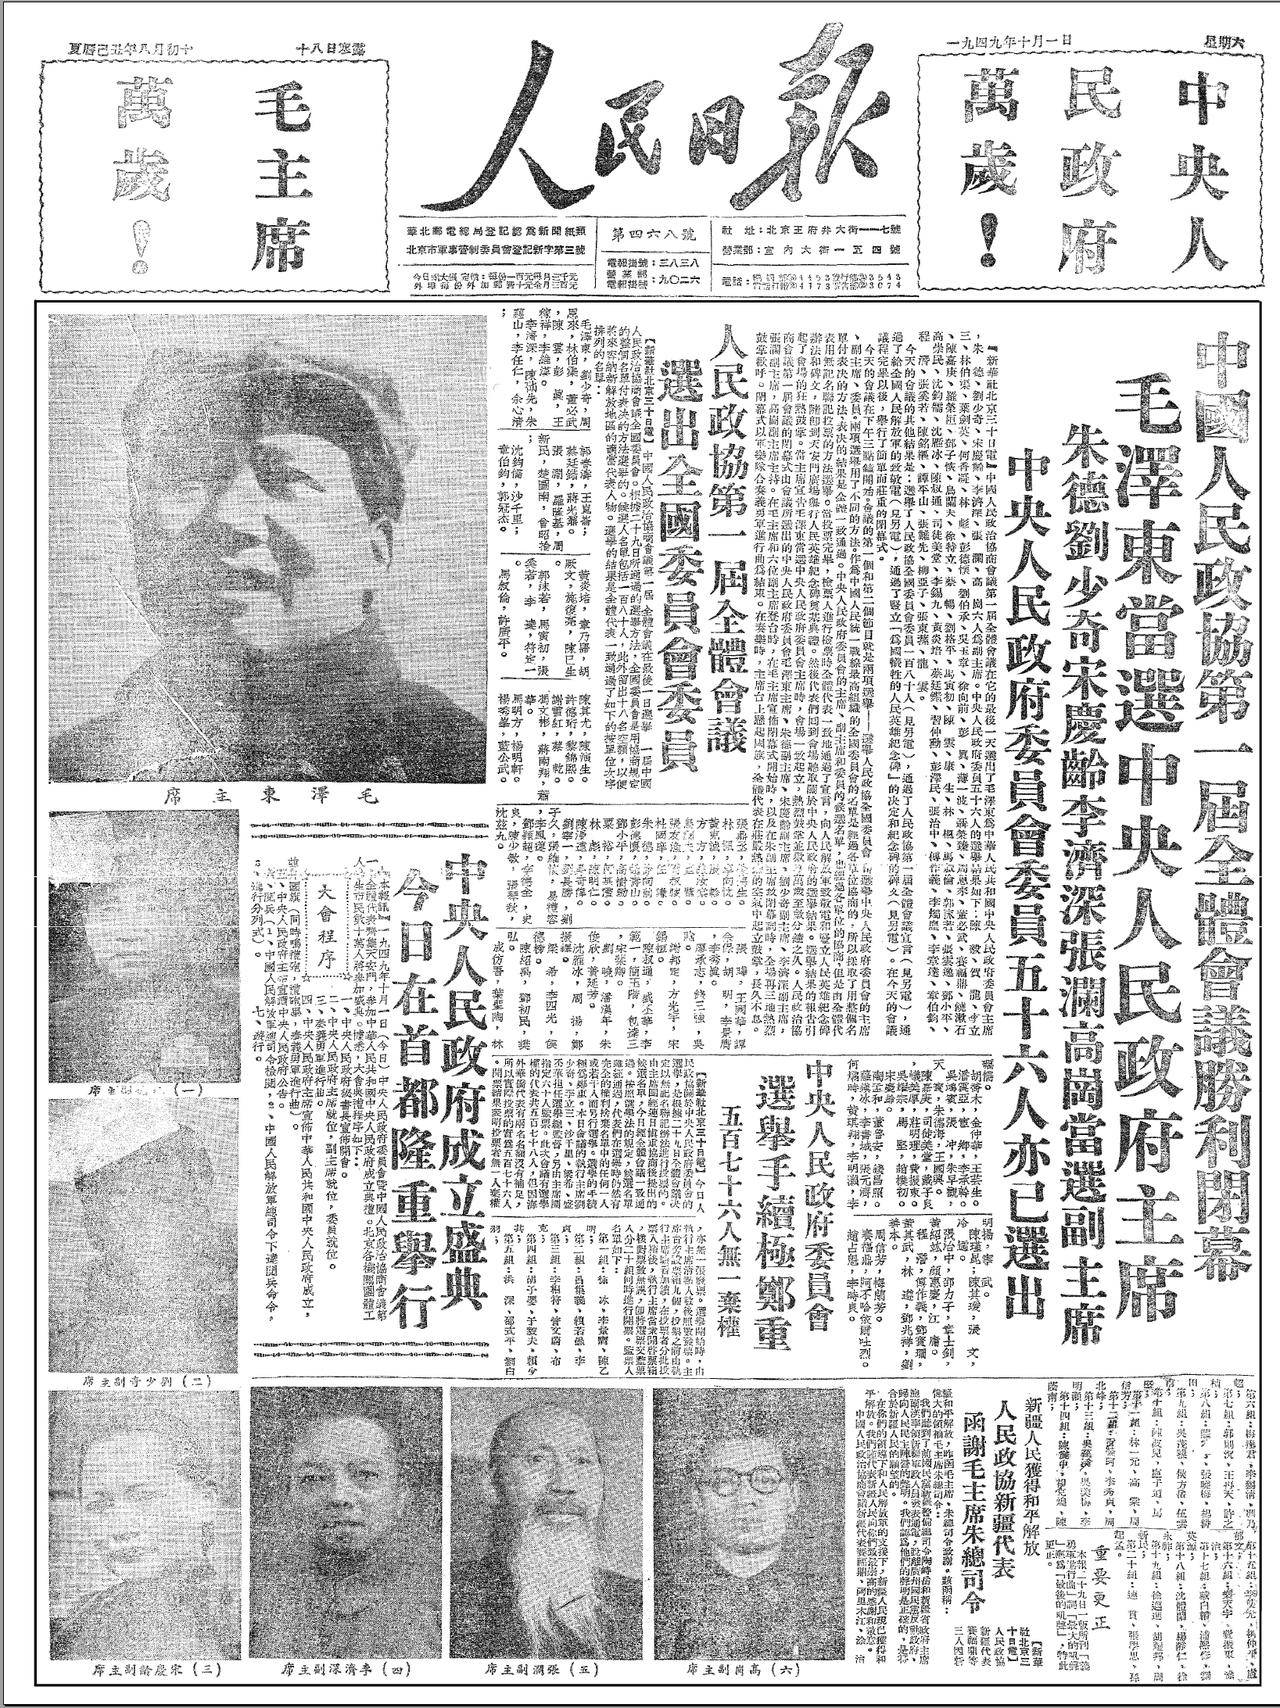 1949年10月1日的 人民日报 头版